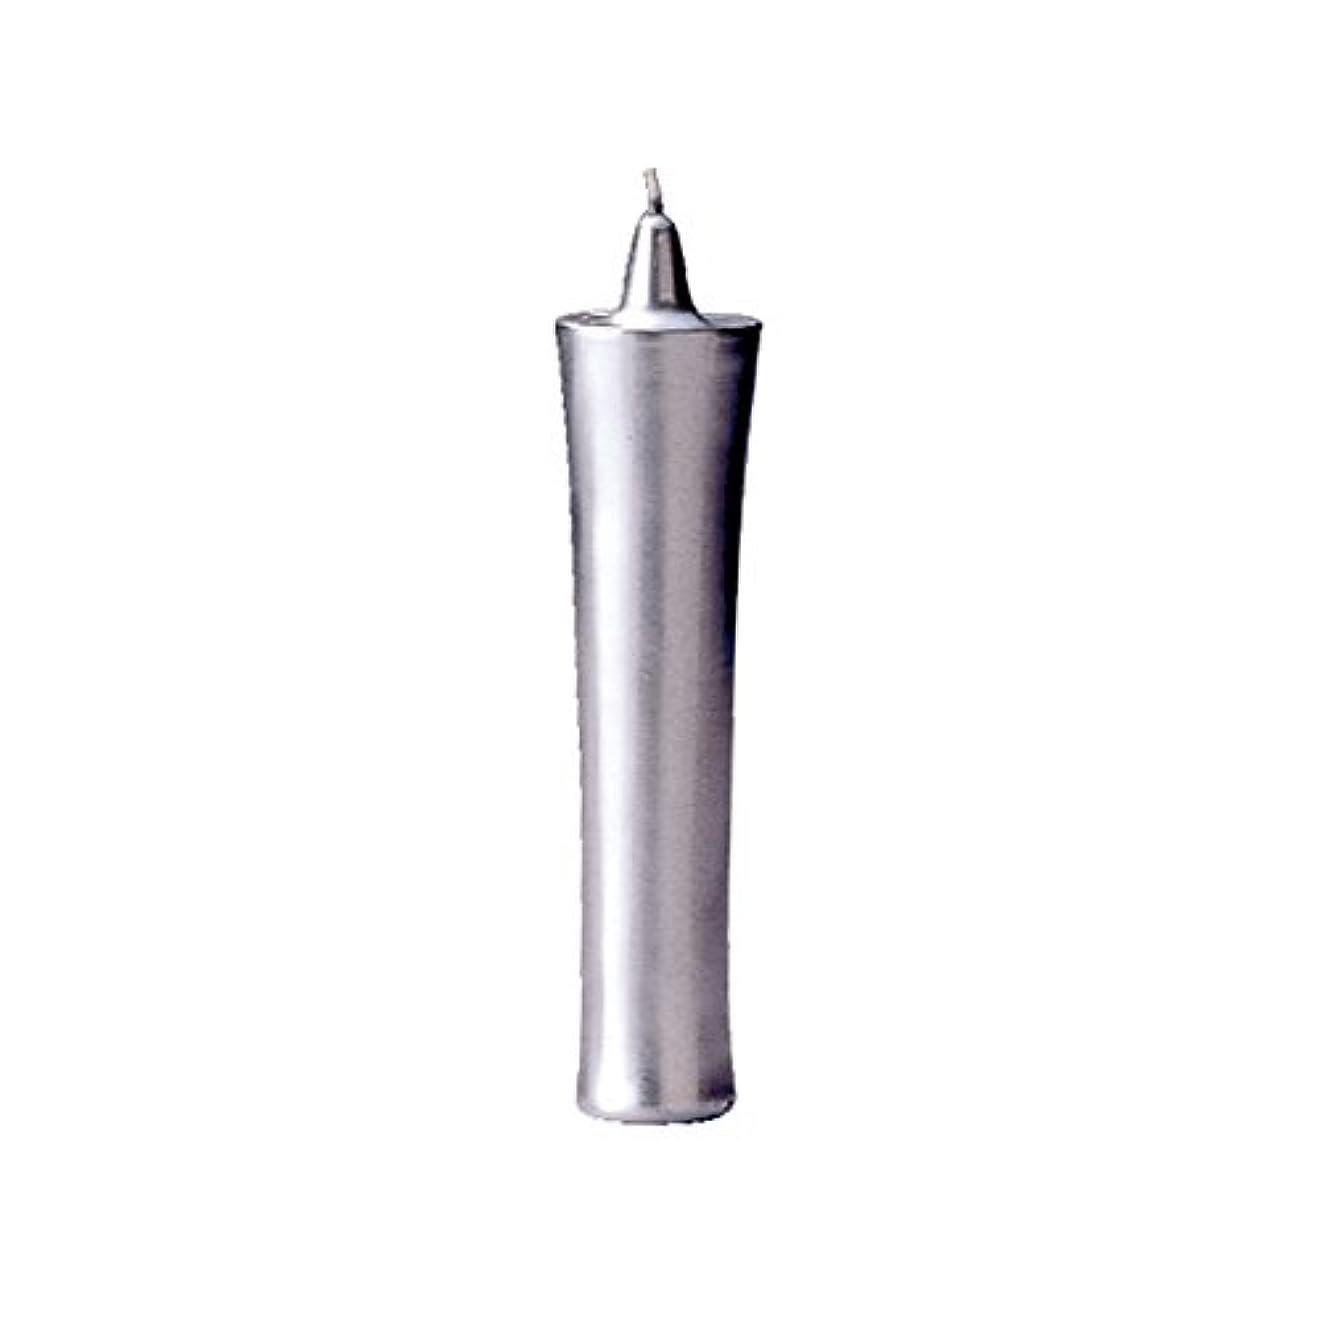 種をまくコンクリート経過カメヤマ 和ロー型(C)銀 22cm (1セット)